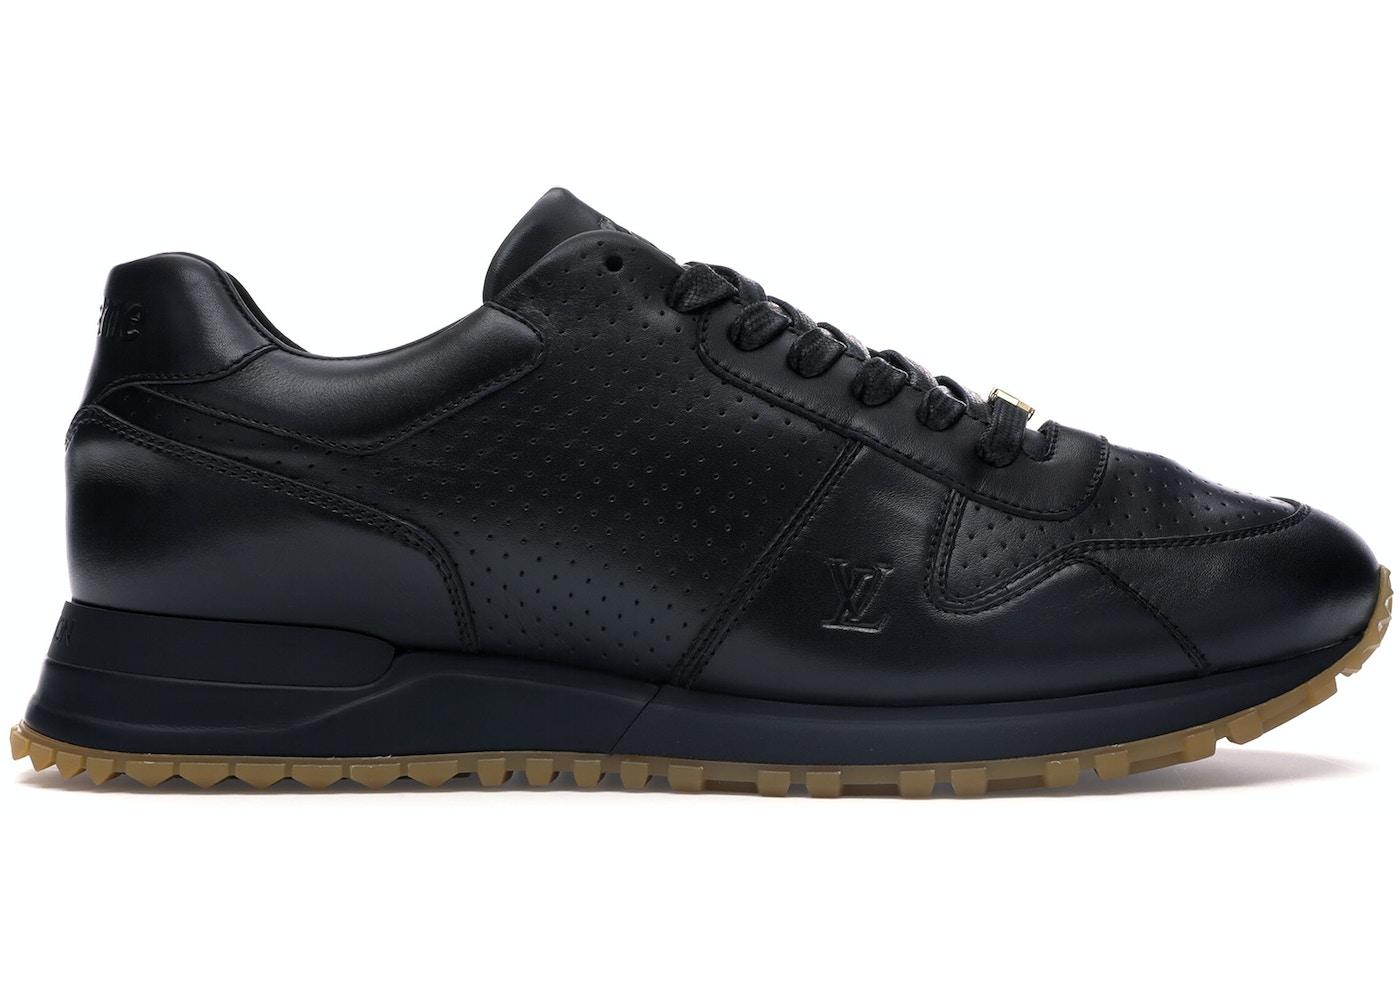 b67e3b8c819 Louis Vuitton Run Away Supreme Black Gum